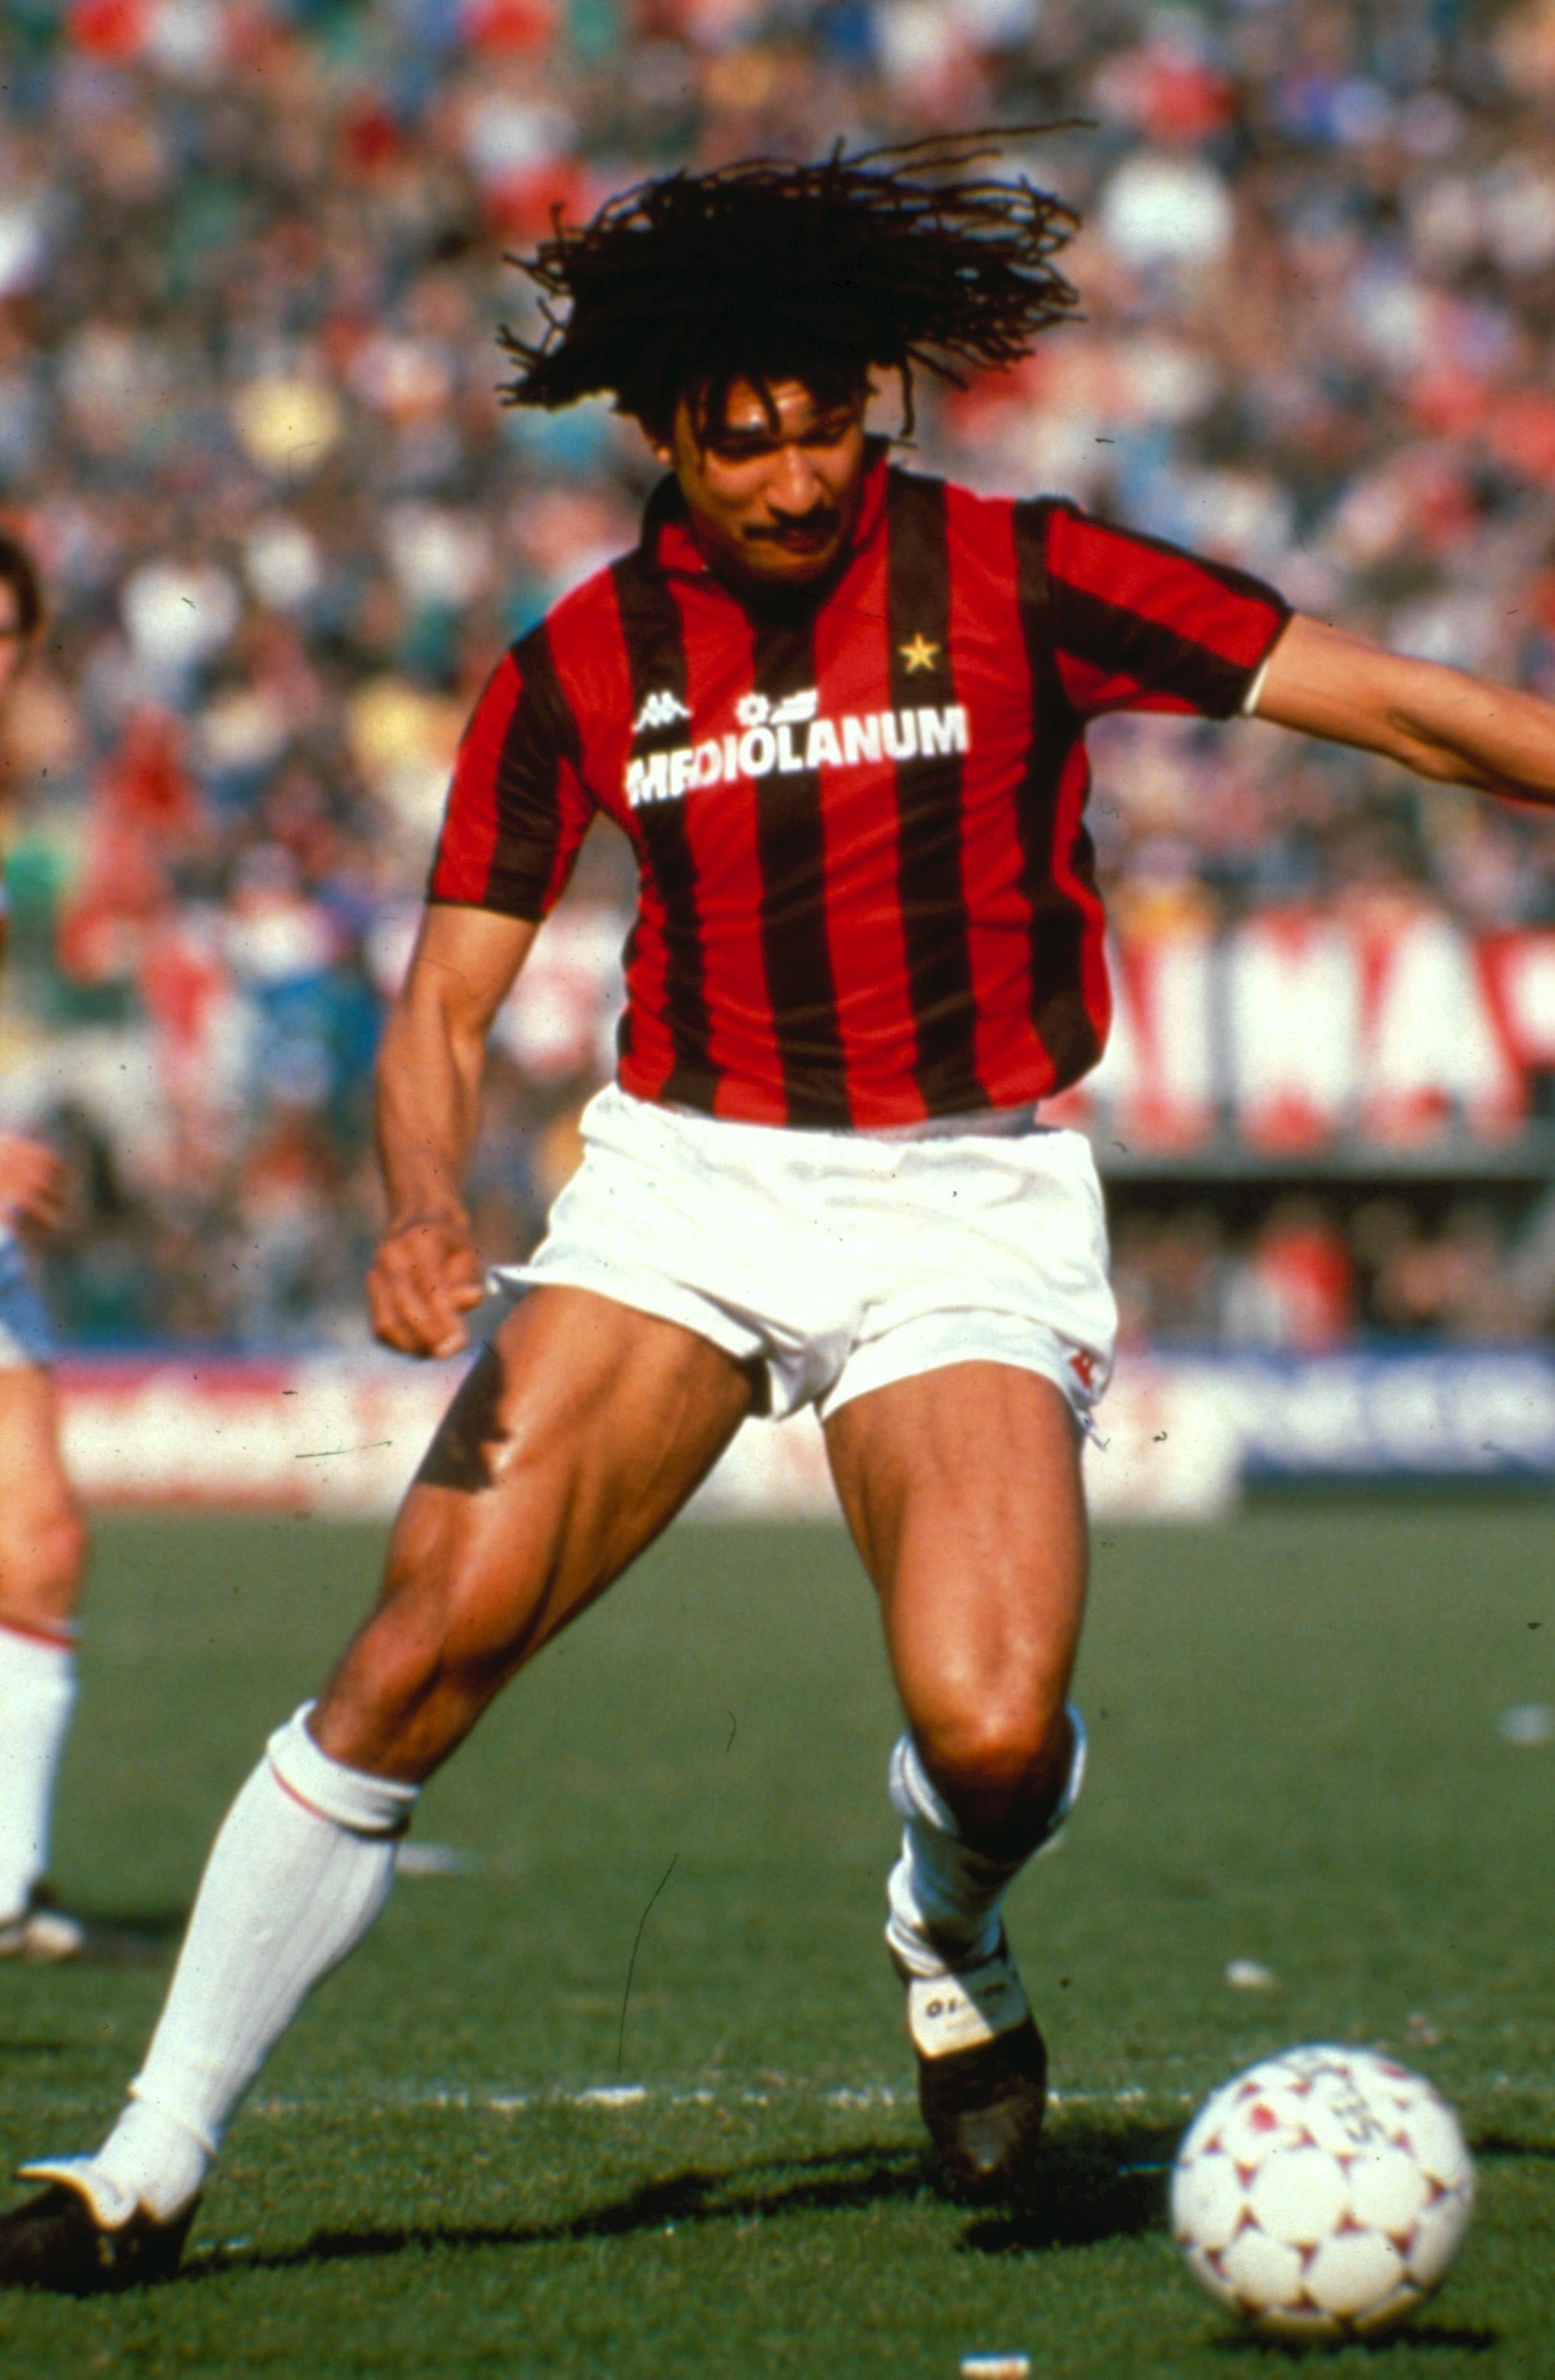 Ruud Gullit - AC Milan | Foto di calcio, Calciatori, Calcio